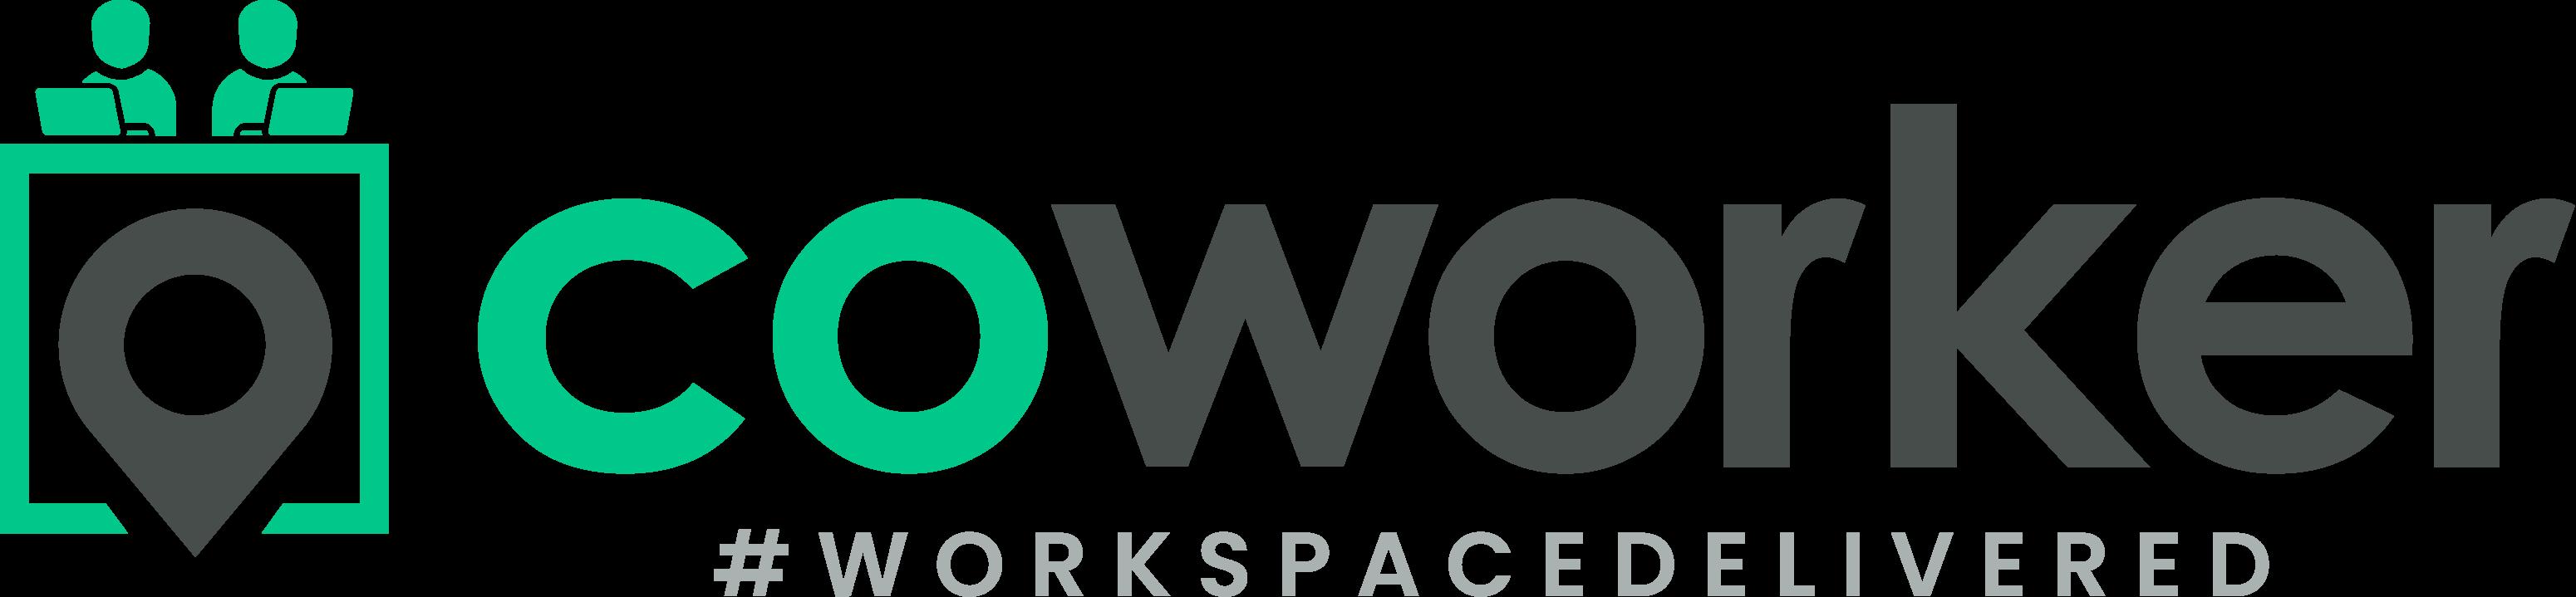 coworker logo